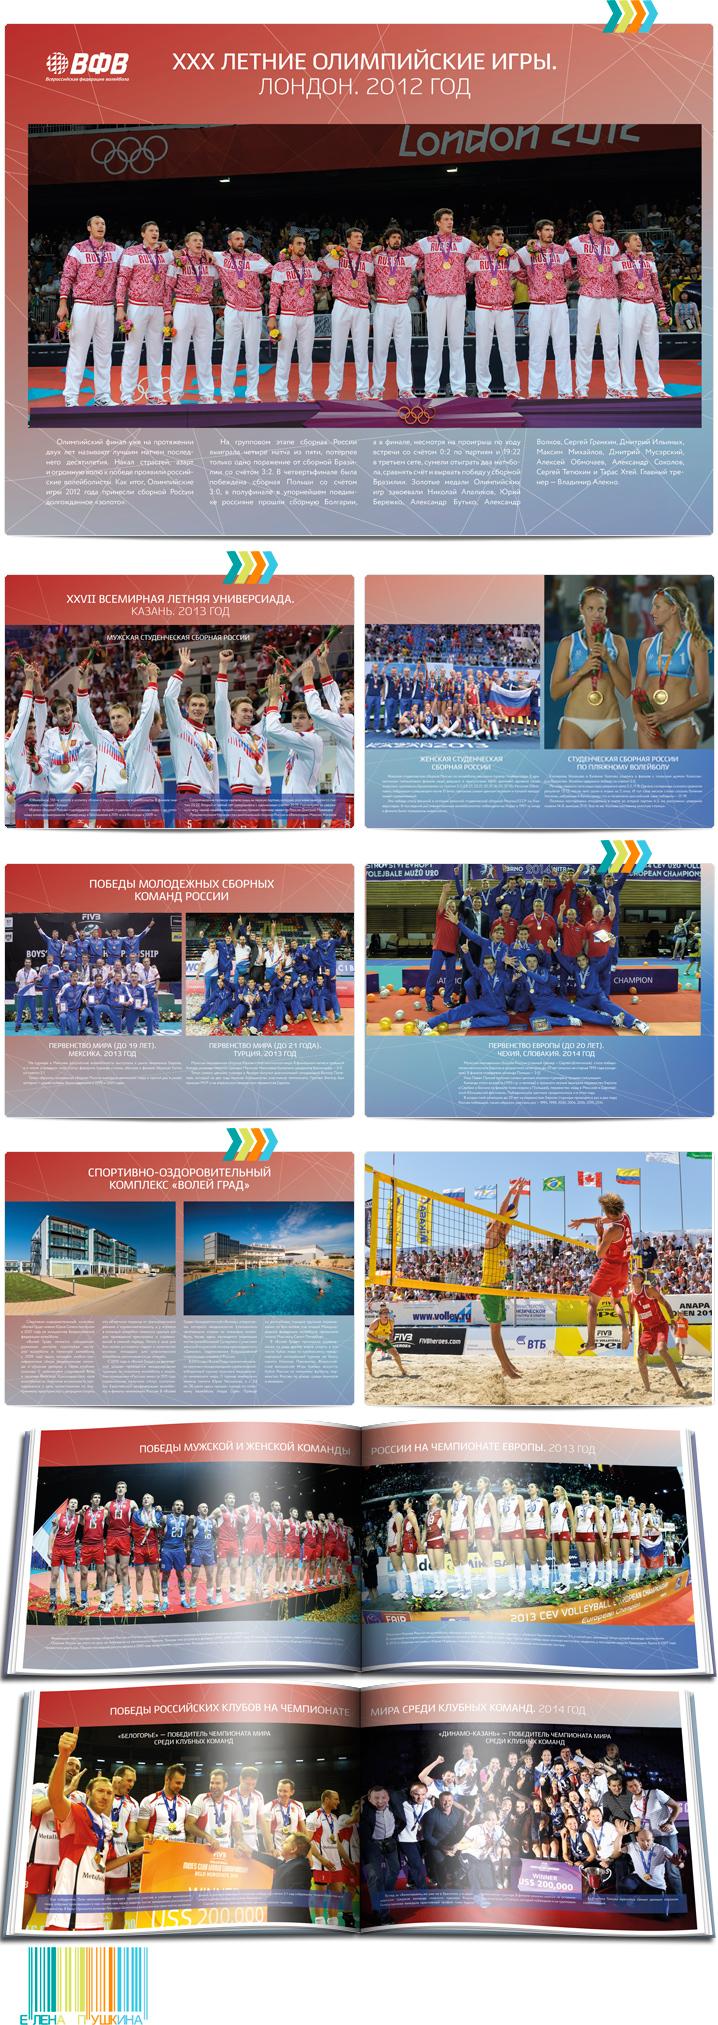 Фотоальбом «Всероссийской Федерации Волейбола»— разработка дизайна с«нуля» ивёрстка брошюры Дизайн брошюр, буклетов Портфолио